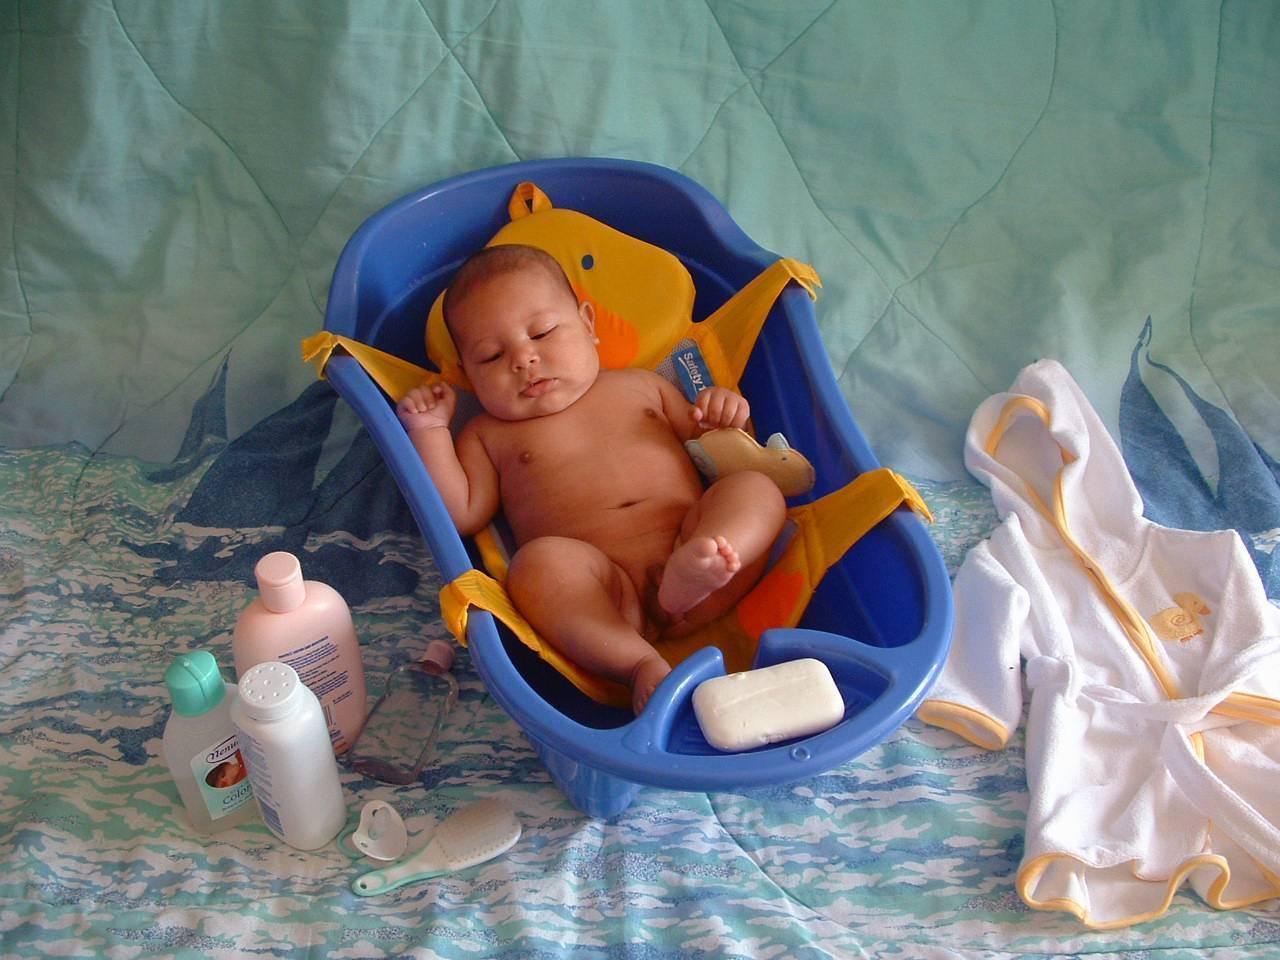 Kot-plintus - запись пользователя евгения (id1533255) в сообществе развитие от рождения до года в категории взаимодействие ребенка с окружающими - babyblog.ru